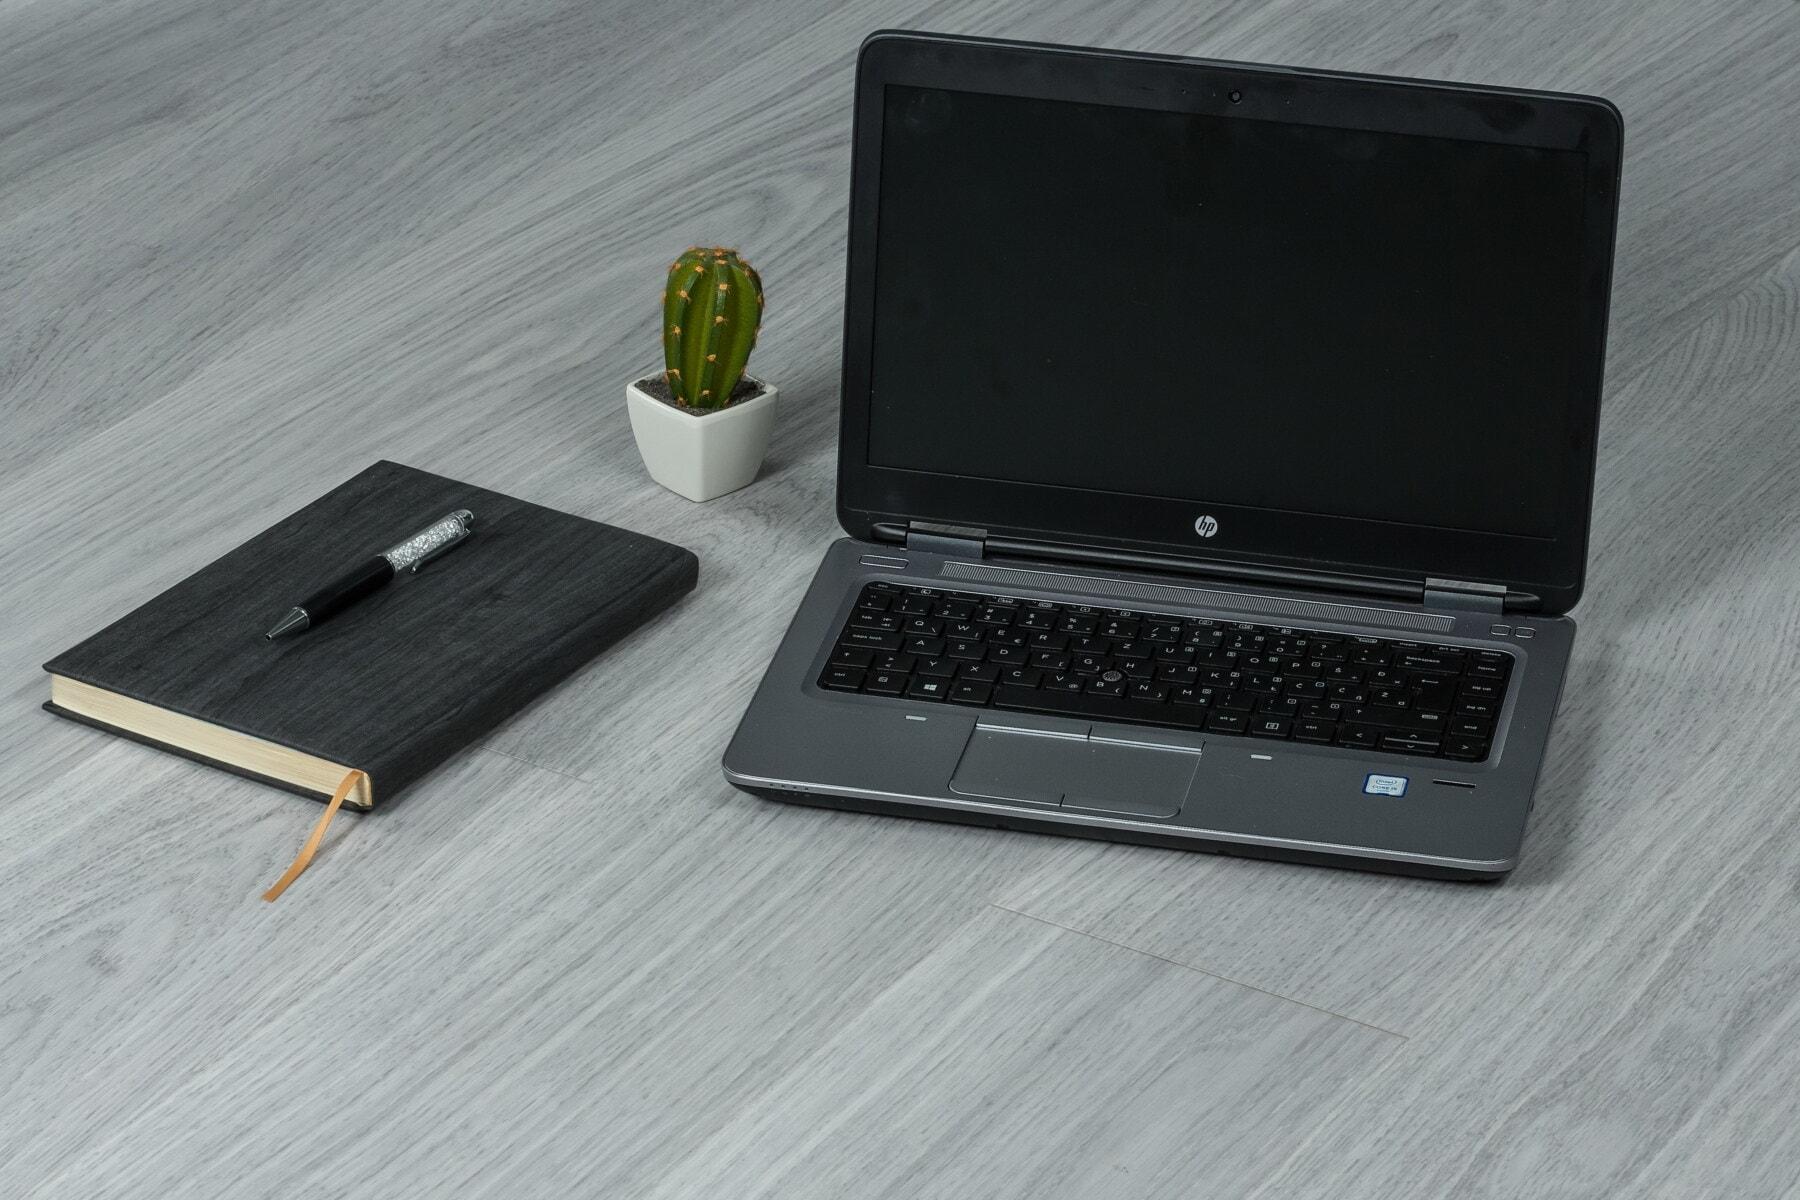 progettazione, minimalismo, computer portatile, Ufficio, vaso di fiori, matita, Notebook, Cactus, computer, computer portatile